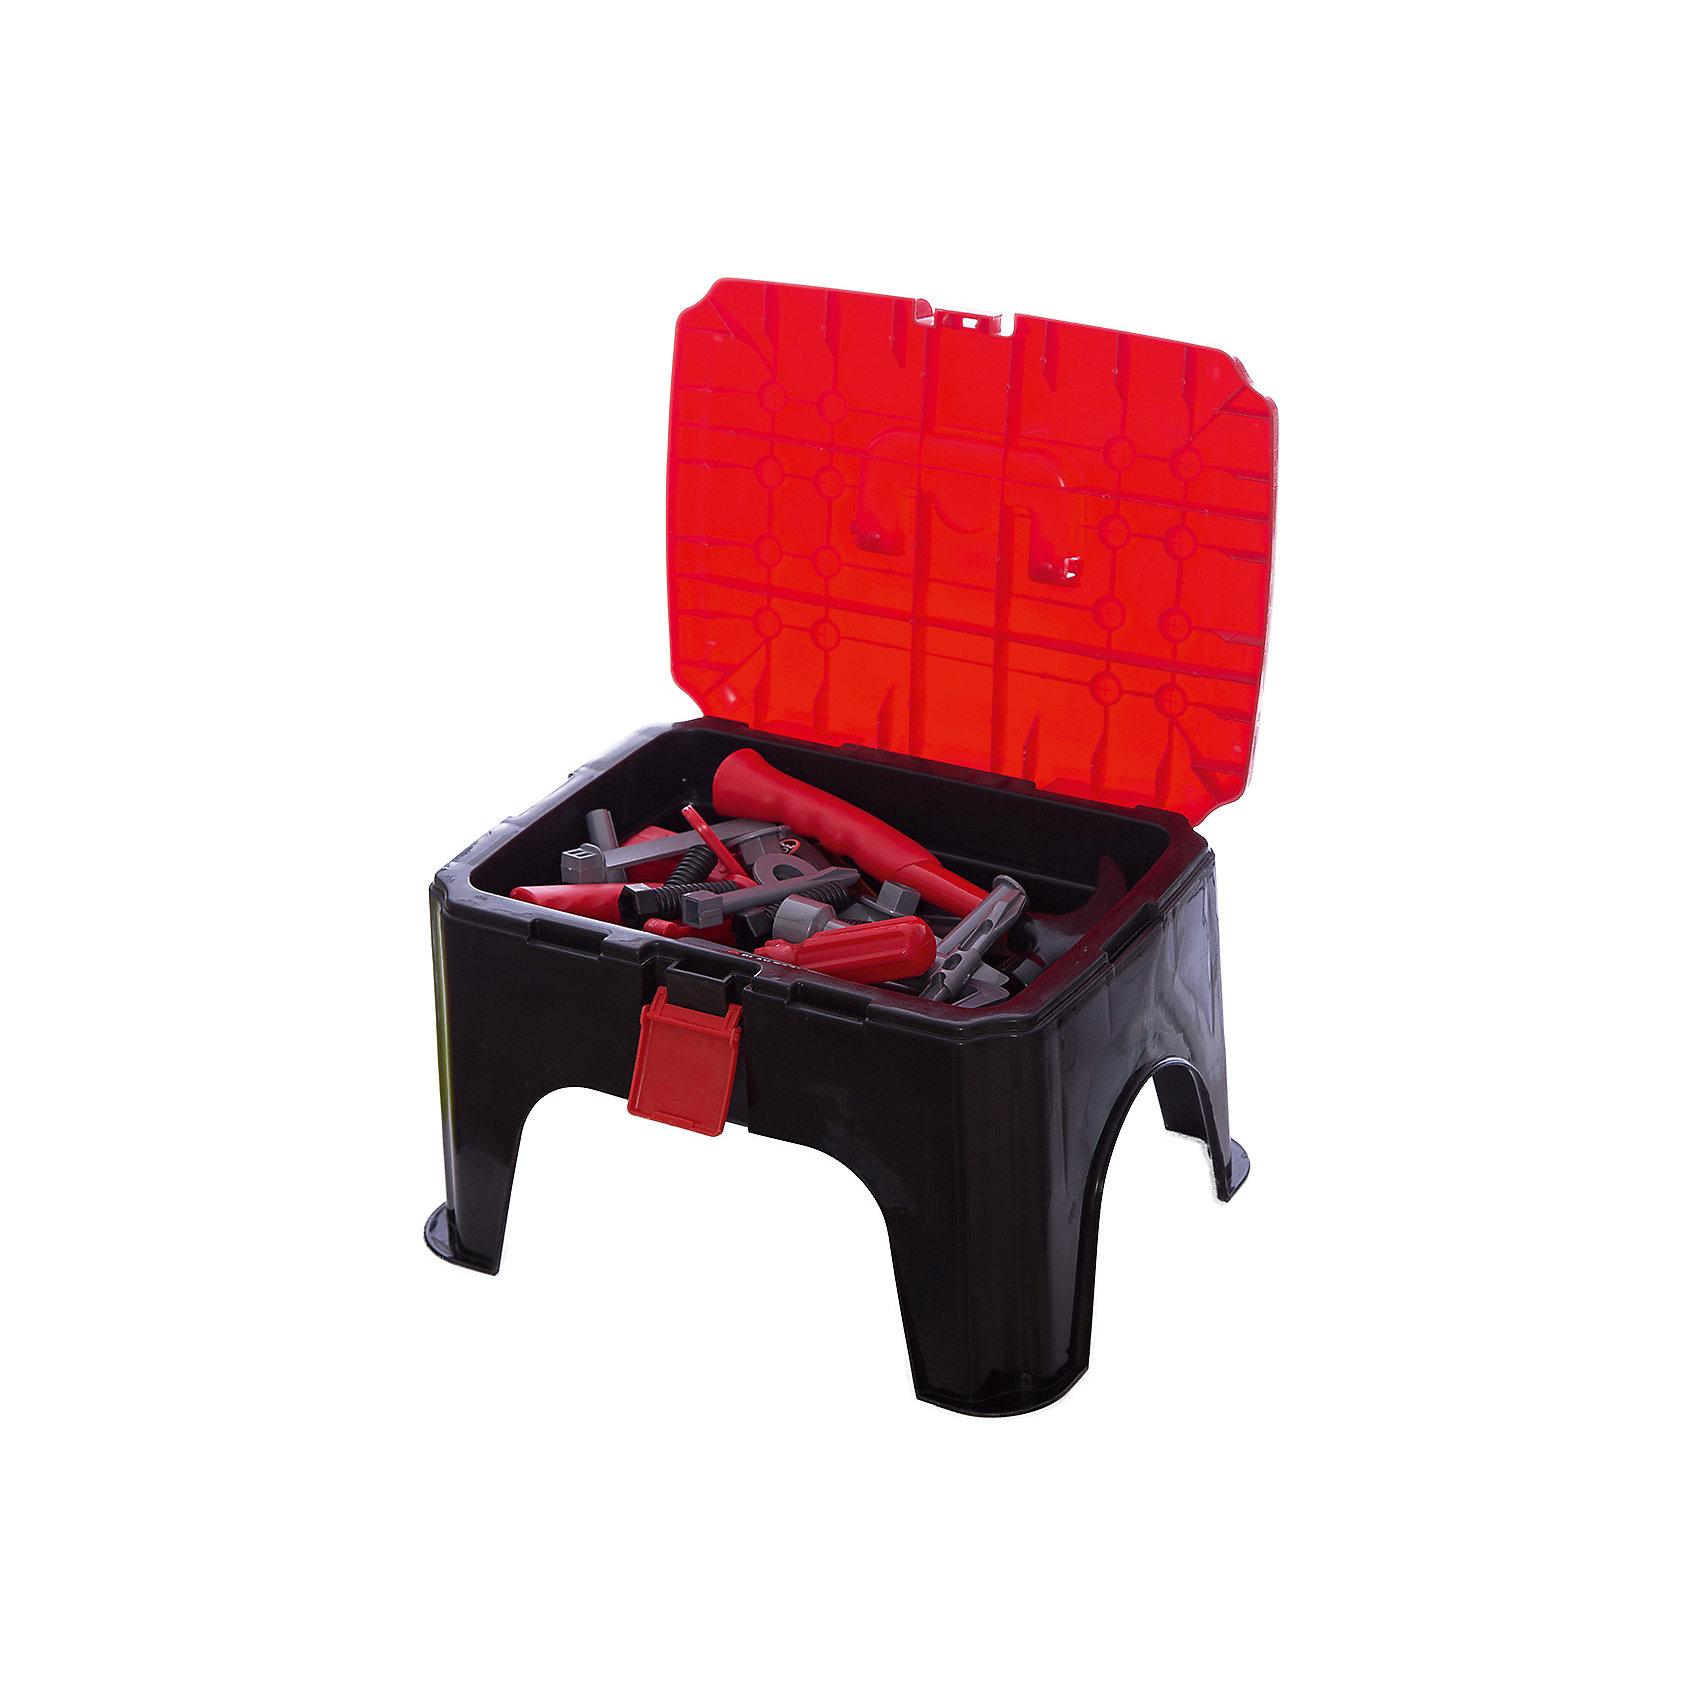 ALTACTO Игровой набор инструментов Верстак (35 предм.), ALTACTO altacto игровой набор инструментов своими руками